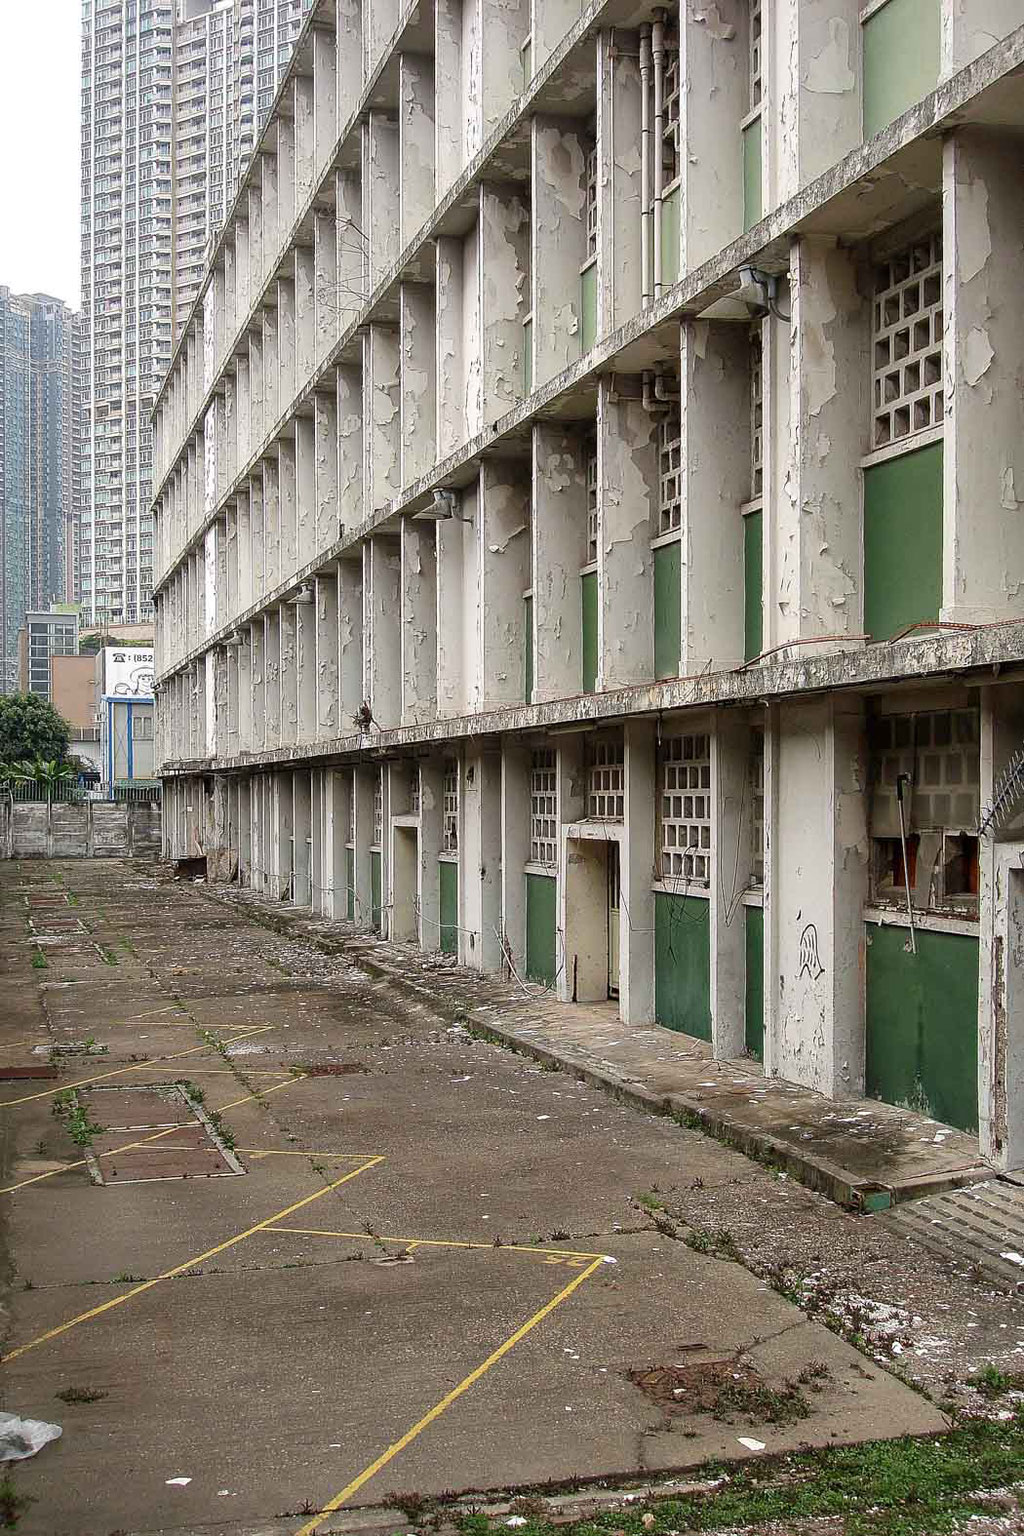 Tai Kok Tsui, Kowloon (HK)